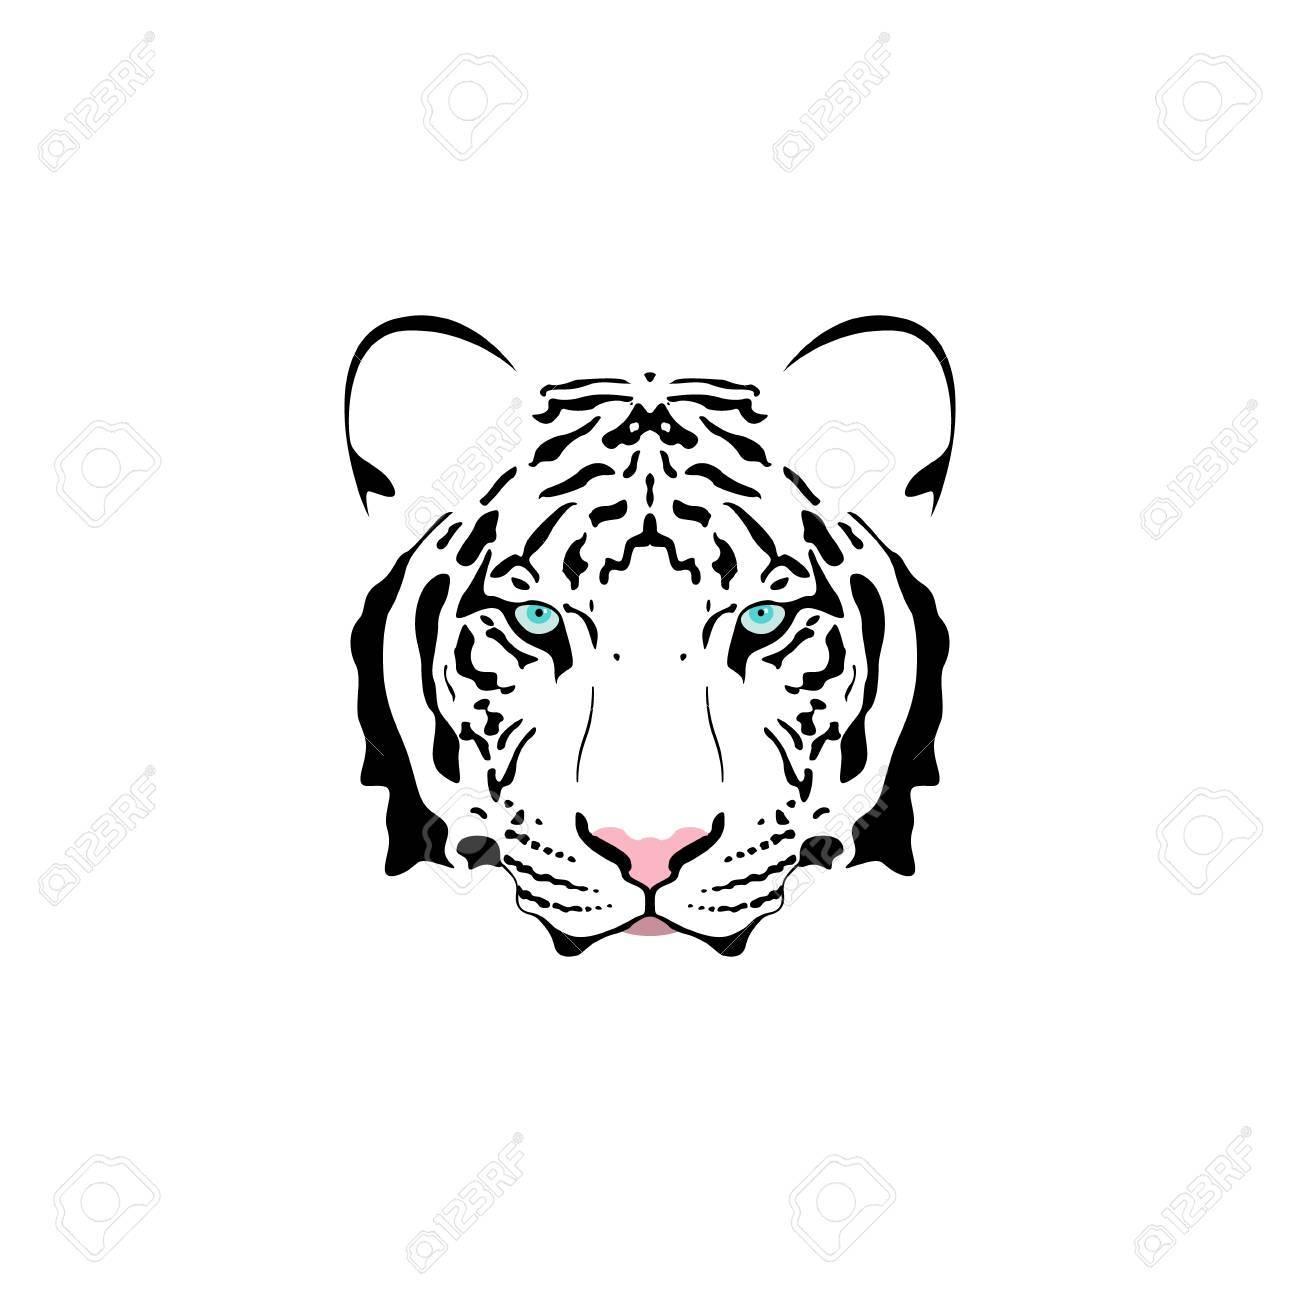 Illustration Vectorielle D Une Tete De Tigre Blanc Avec Des Yeux